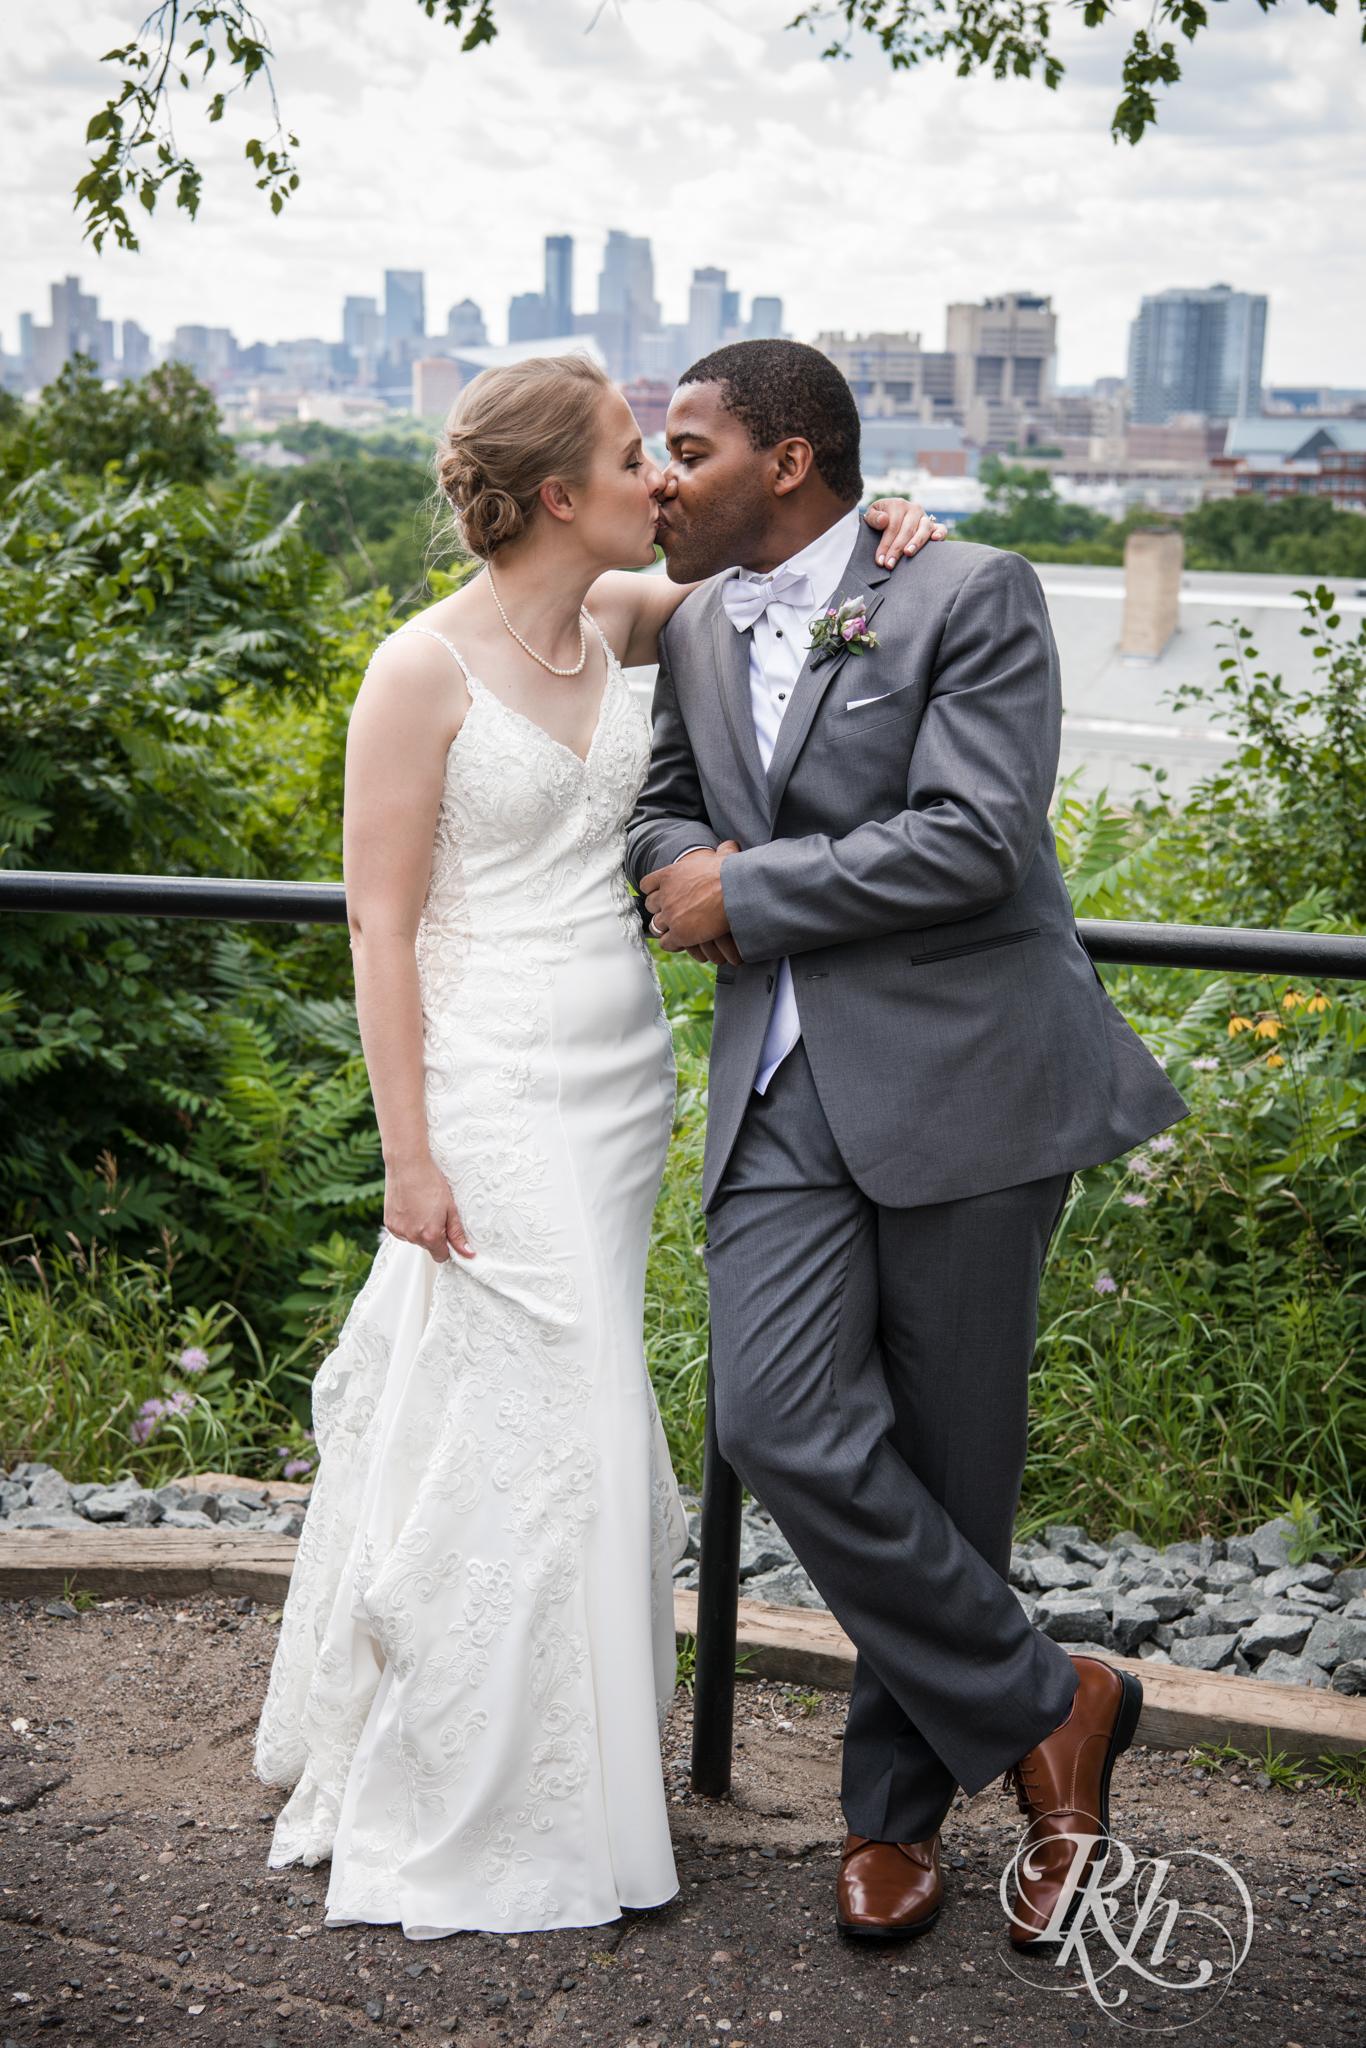 Laura and Adekunle - Minnesota Wedding Photographer - Minnesota History Center - RKH Images - Blog (30 of 75).jpg